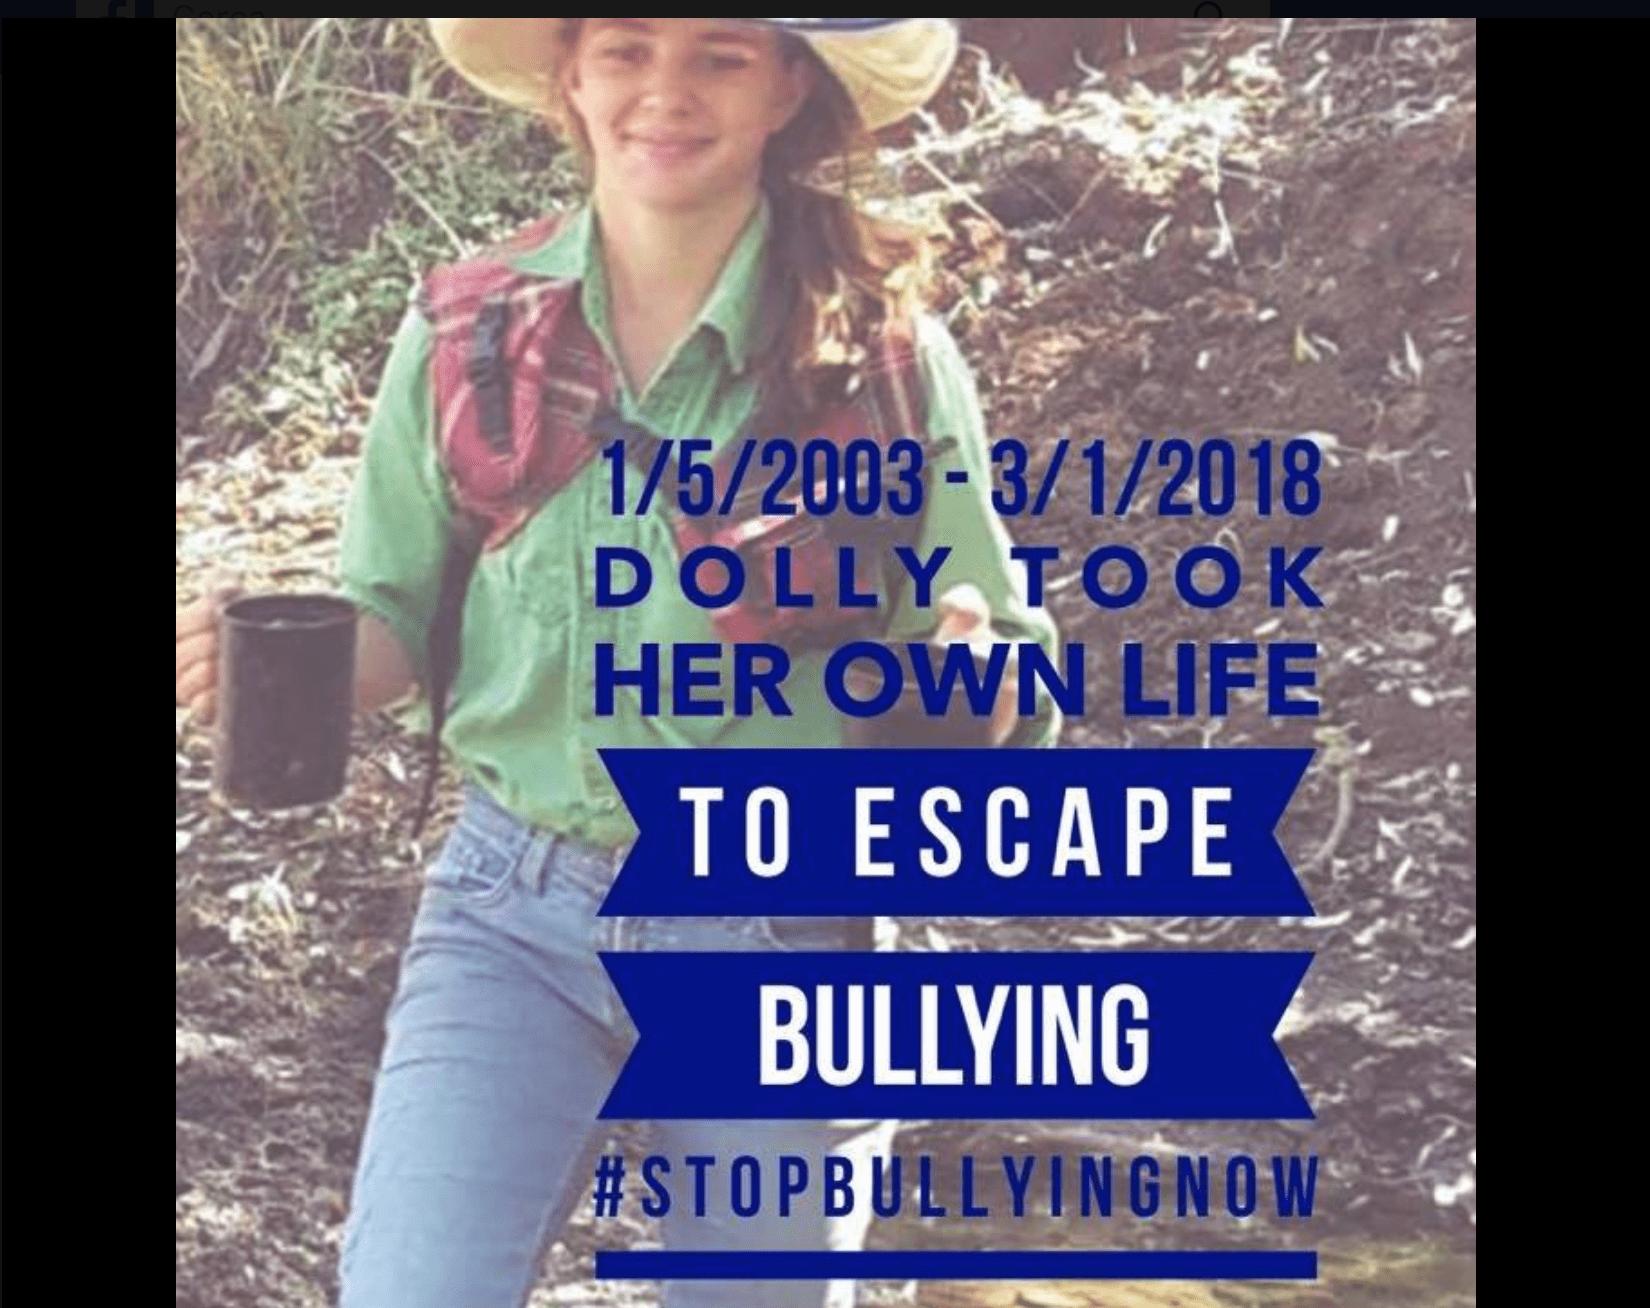 Vittima di bullismo online, Ammy 'Dolly' Everett si suicida a soli 14 anni